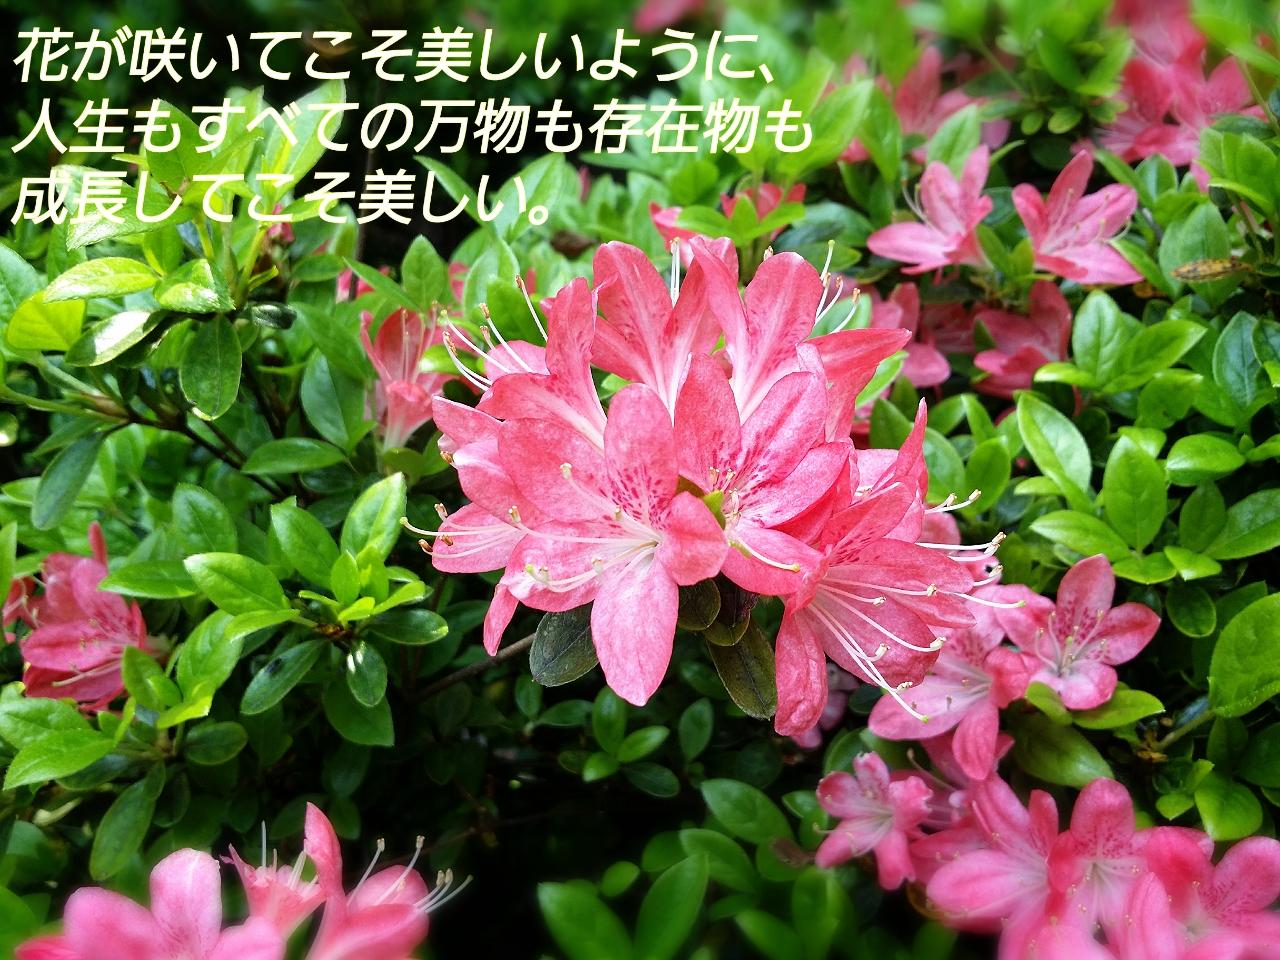 咲いた花 miiho